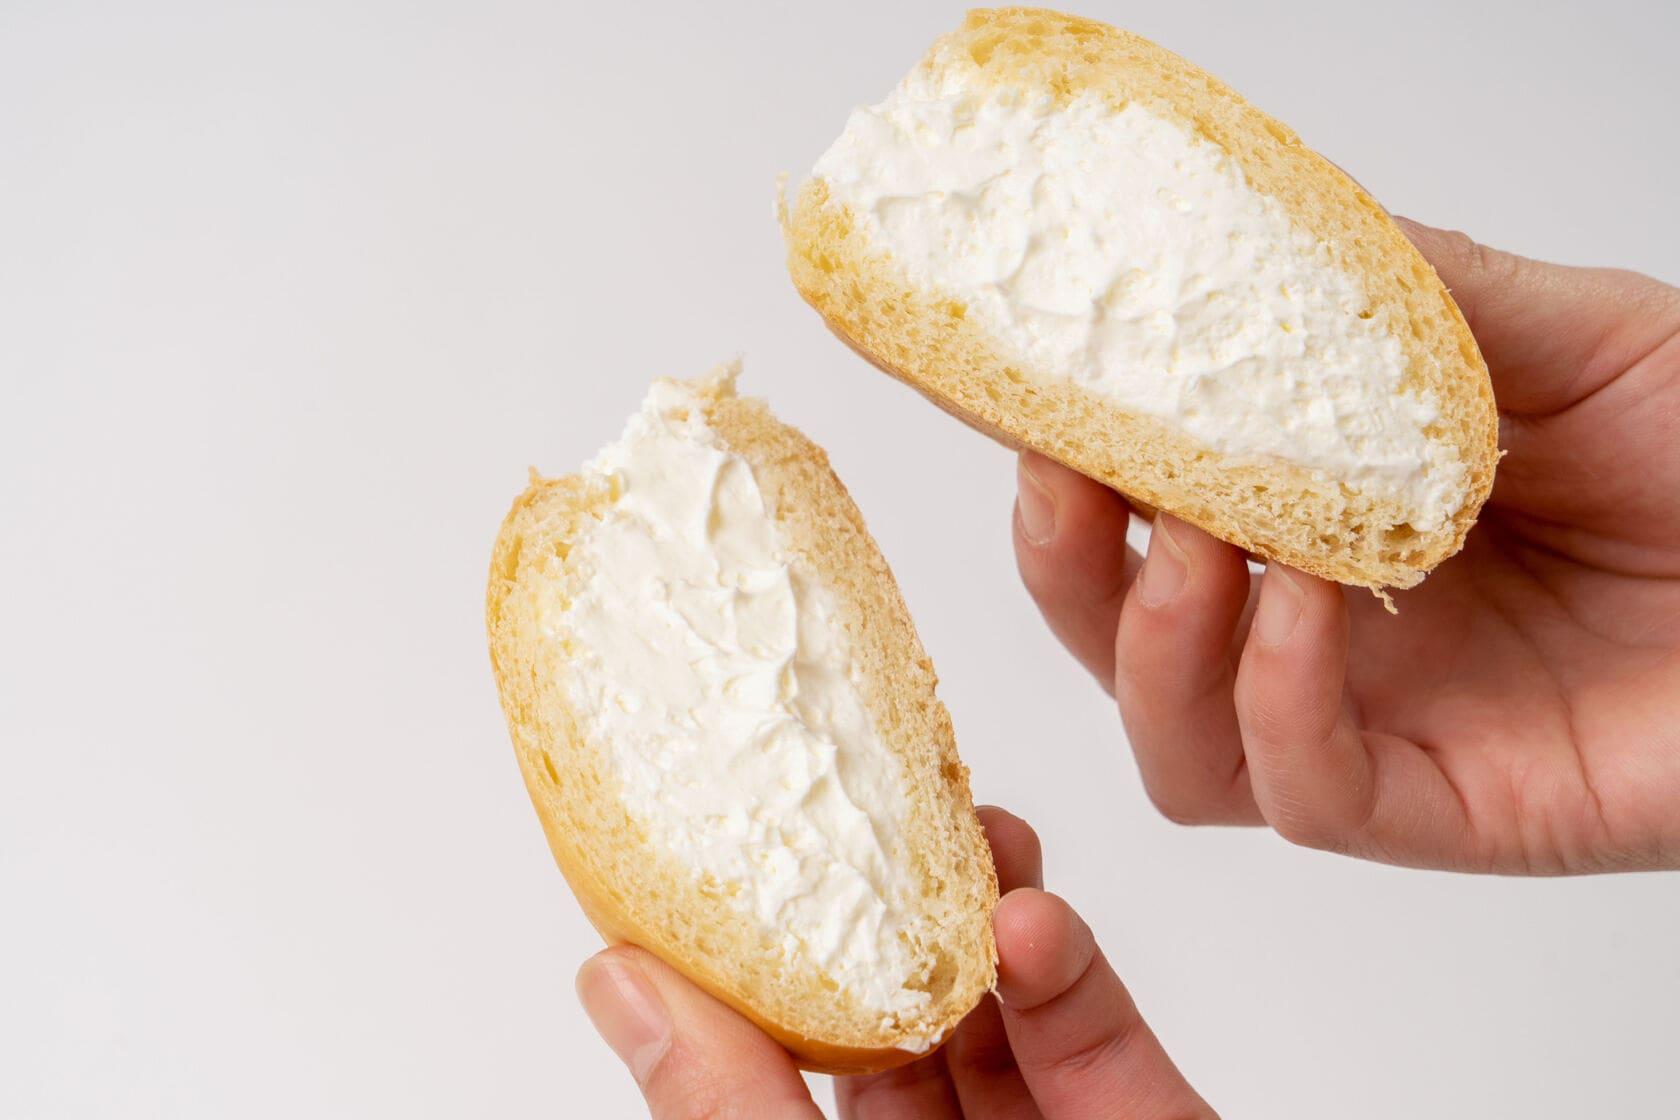 北海道産の純生クリームがたっぷり詰まったSUVACOのクリームパンを手で割る